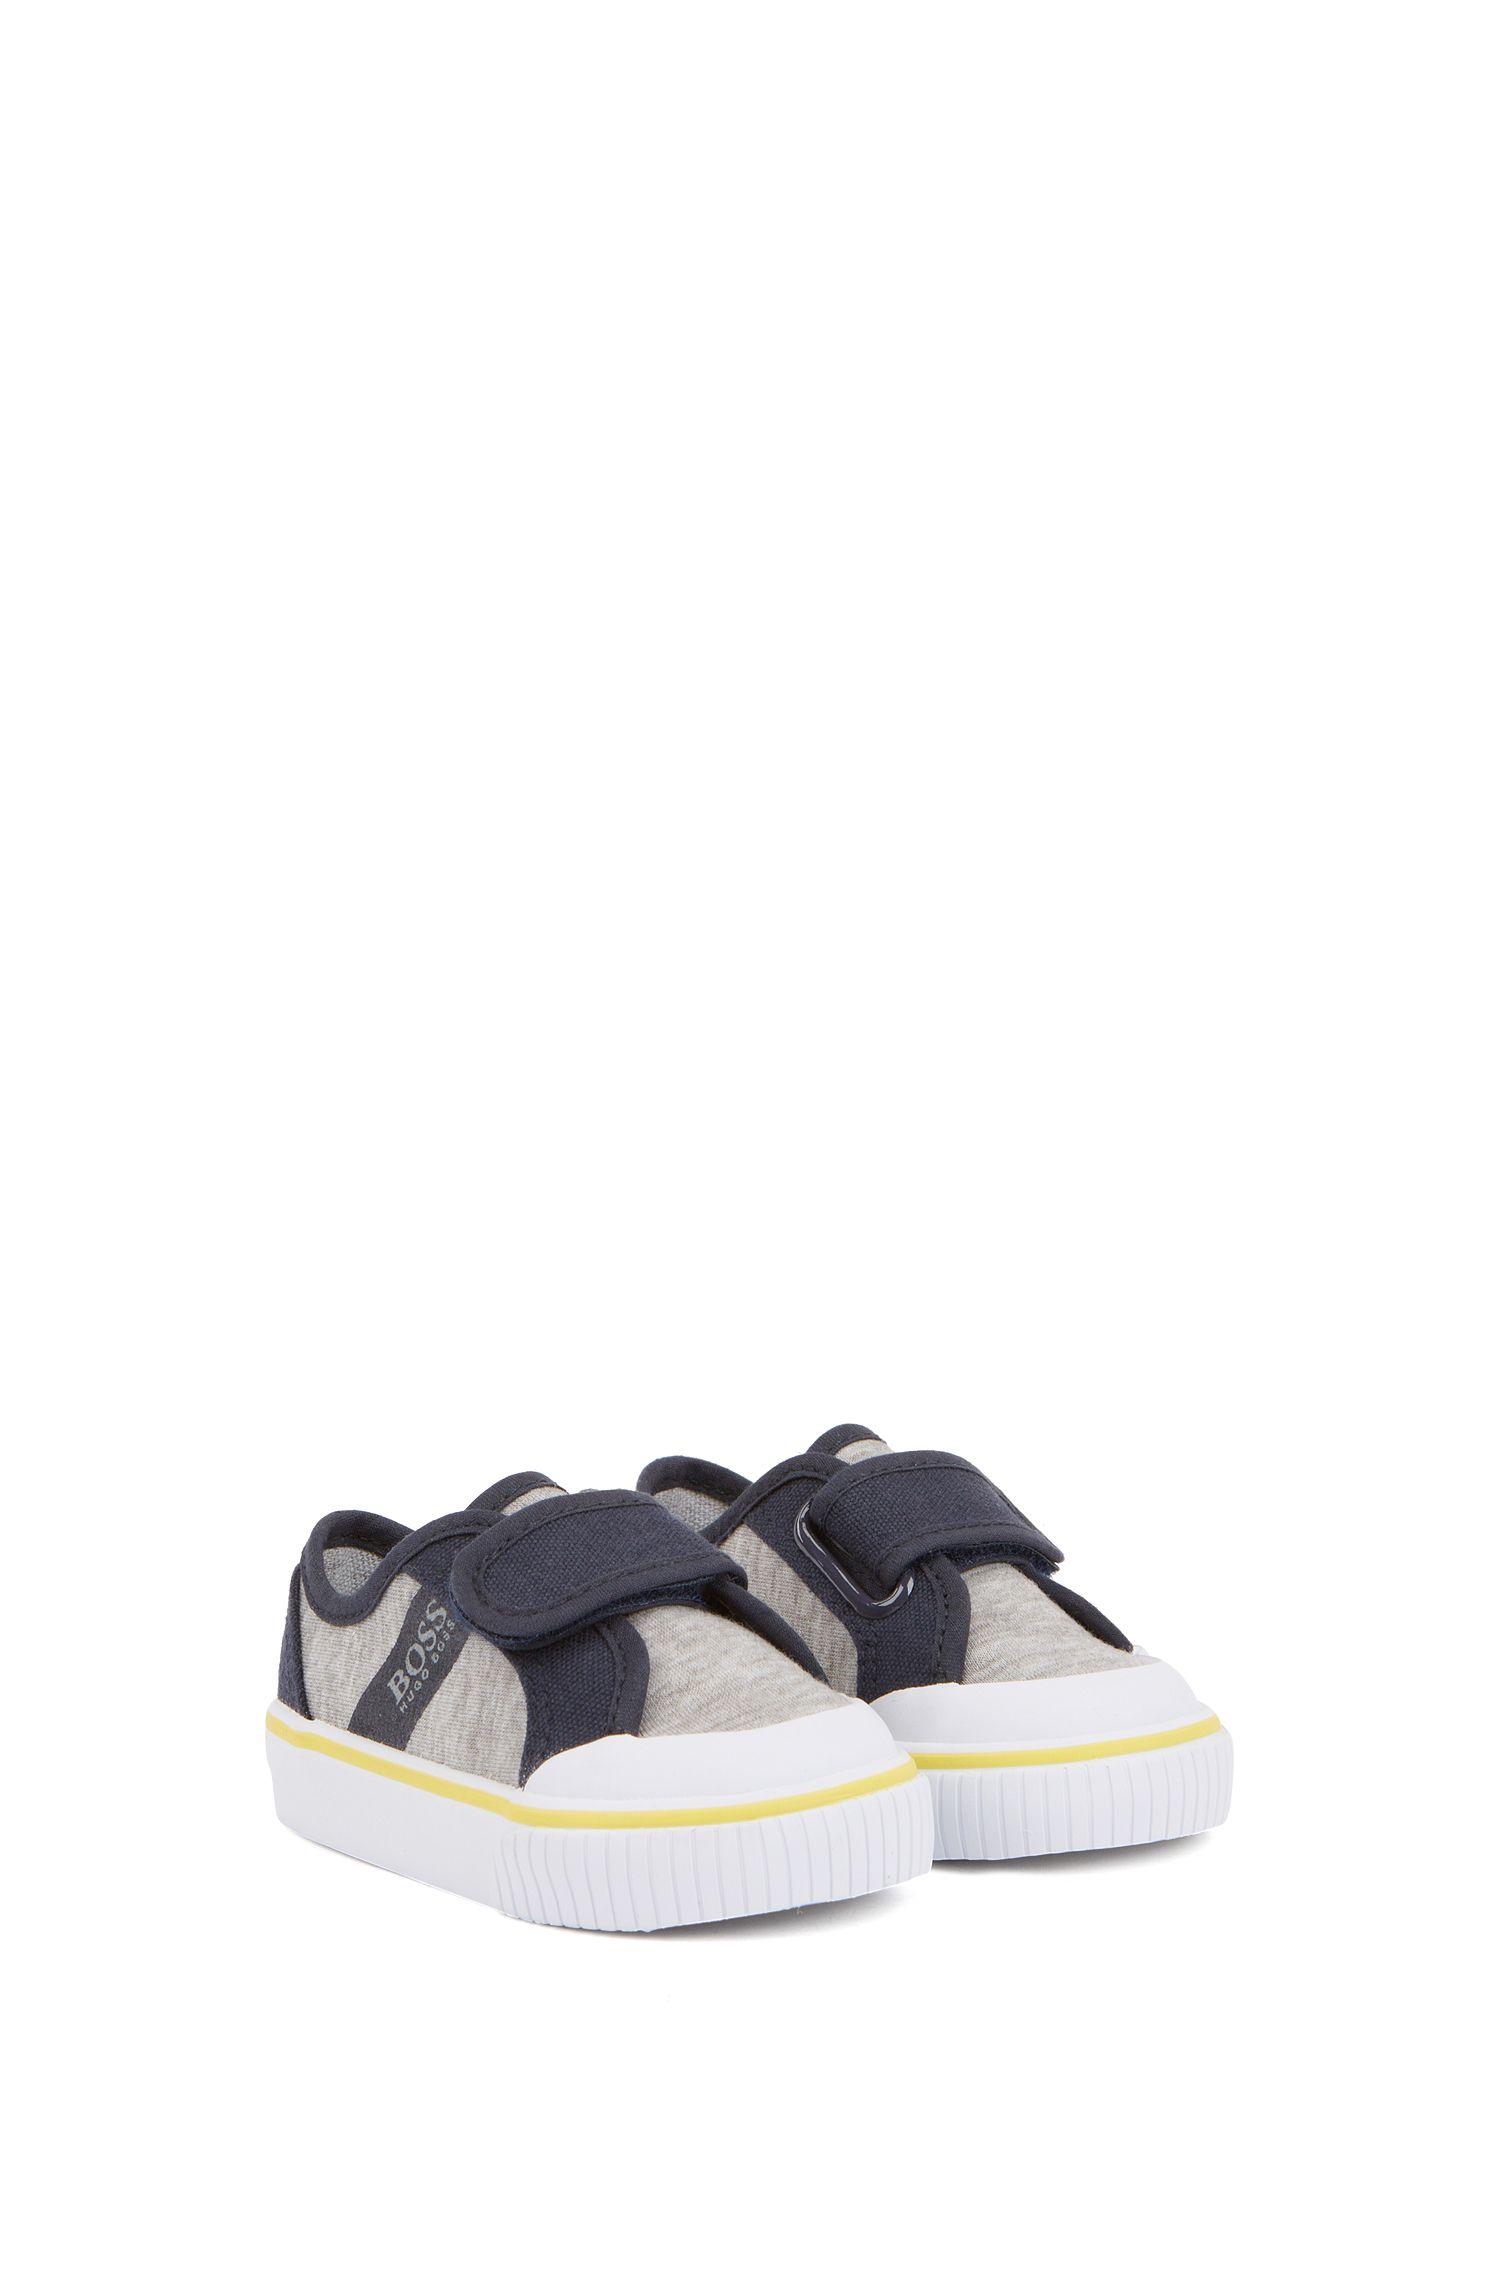 Sneakers da bambino in tela di cotone con chiusura a strappo, Grigio chiaro